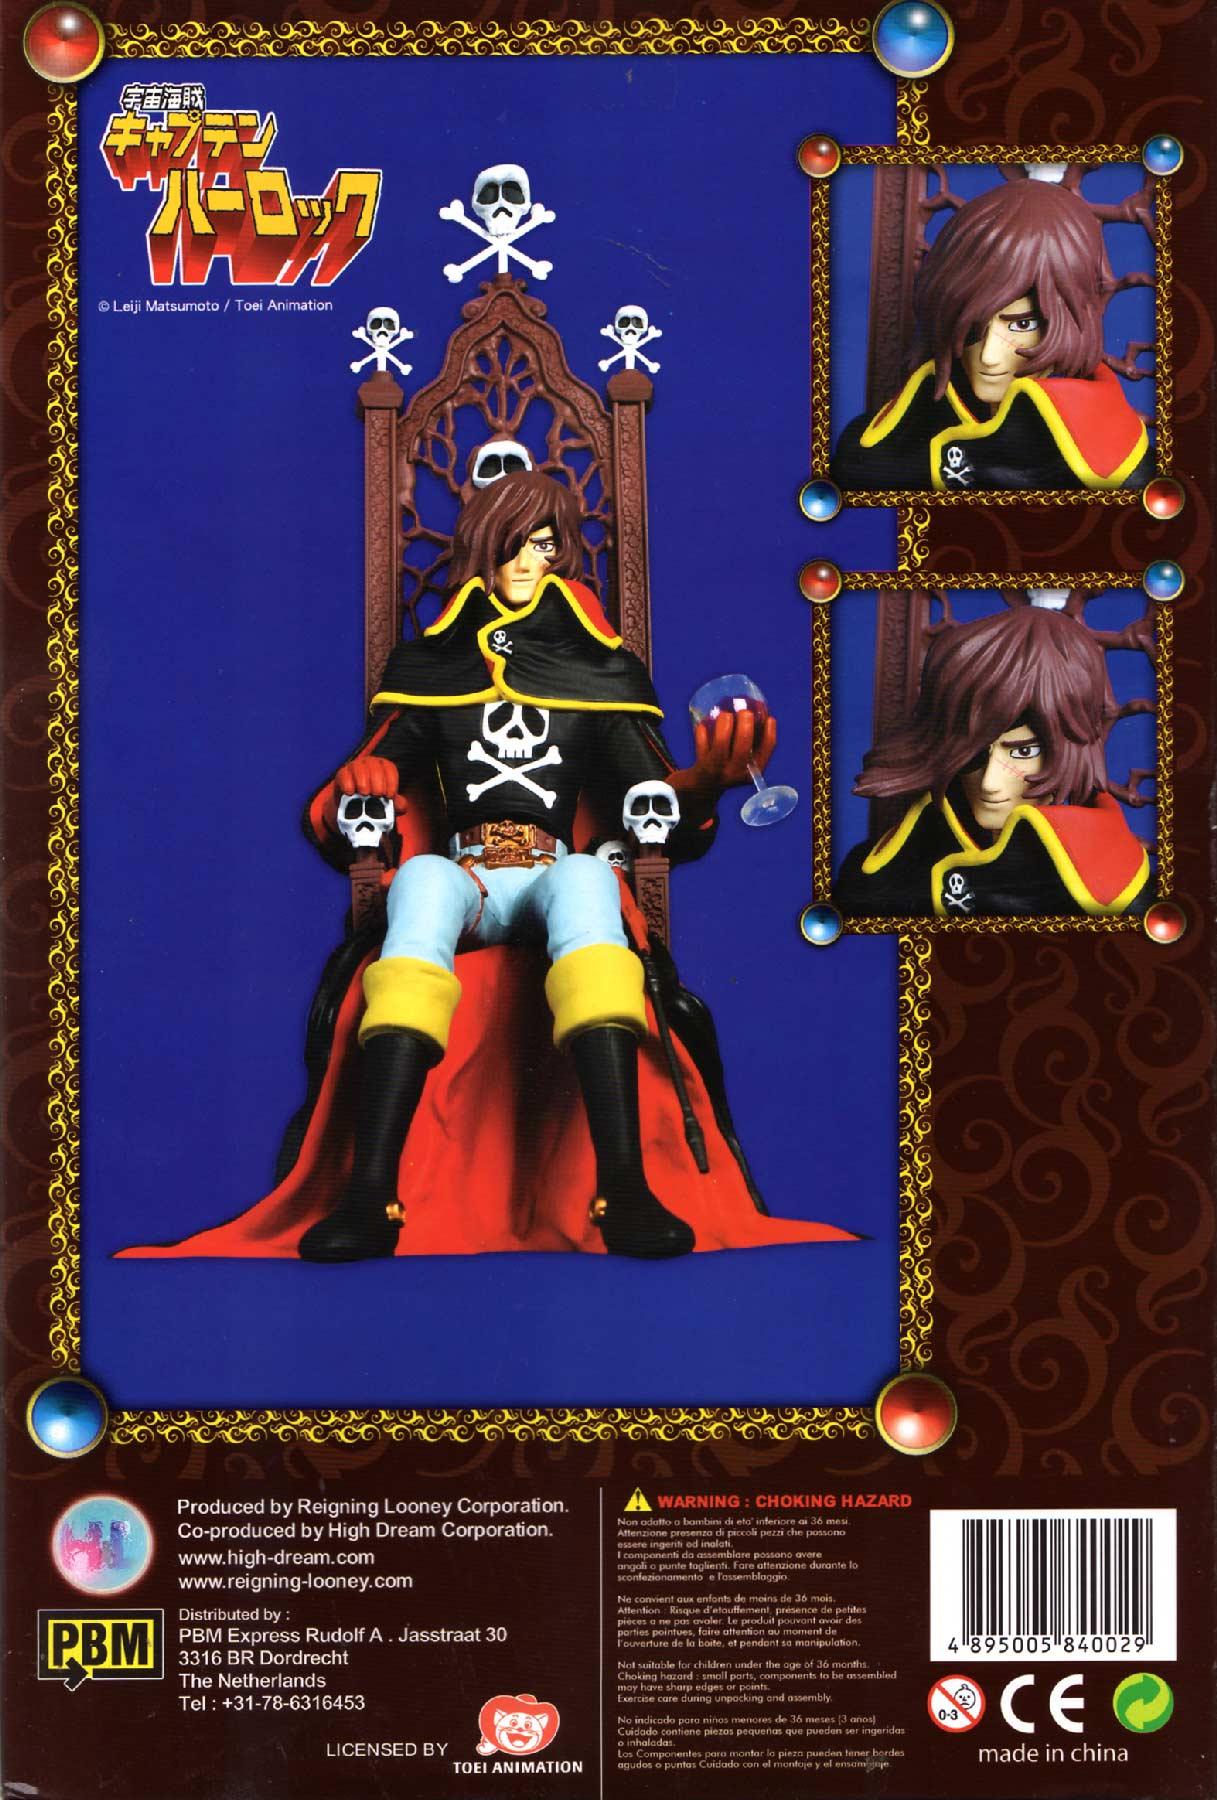 Packaging dos - Albator sur son trône (High Dream) - Harlock